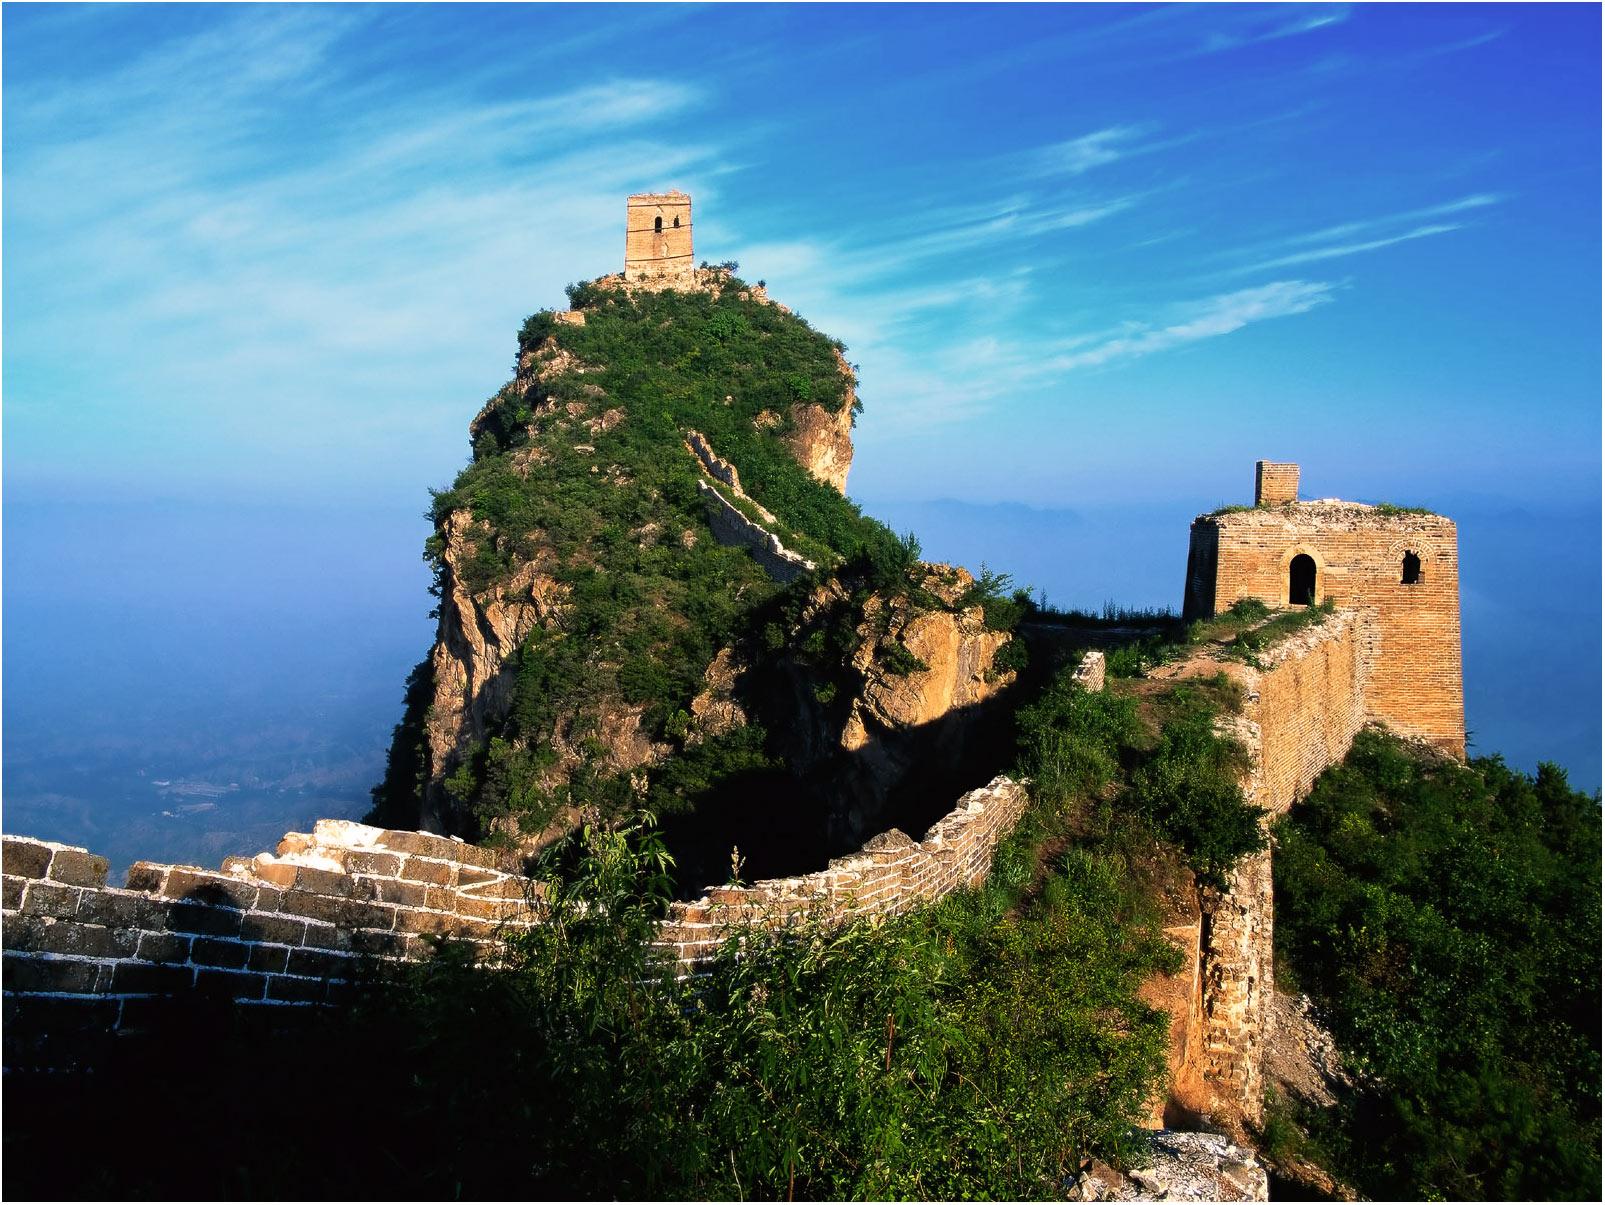 Великая Китайская Стена - символ Китая